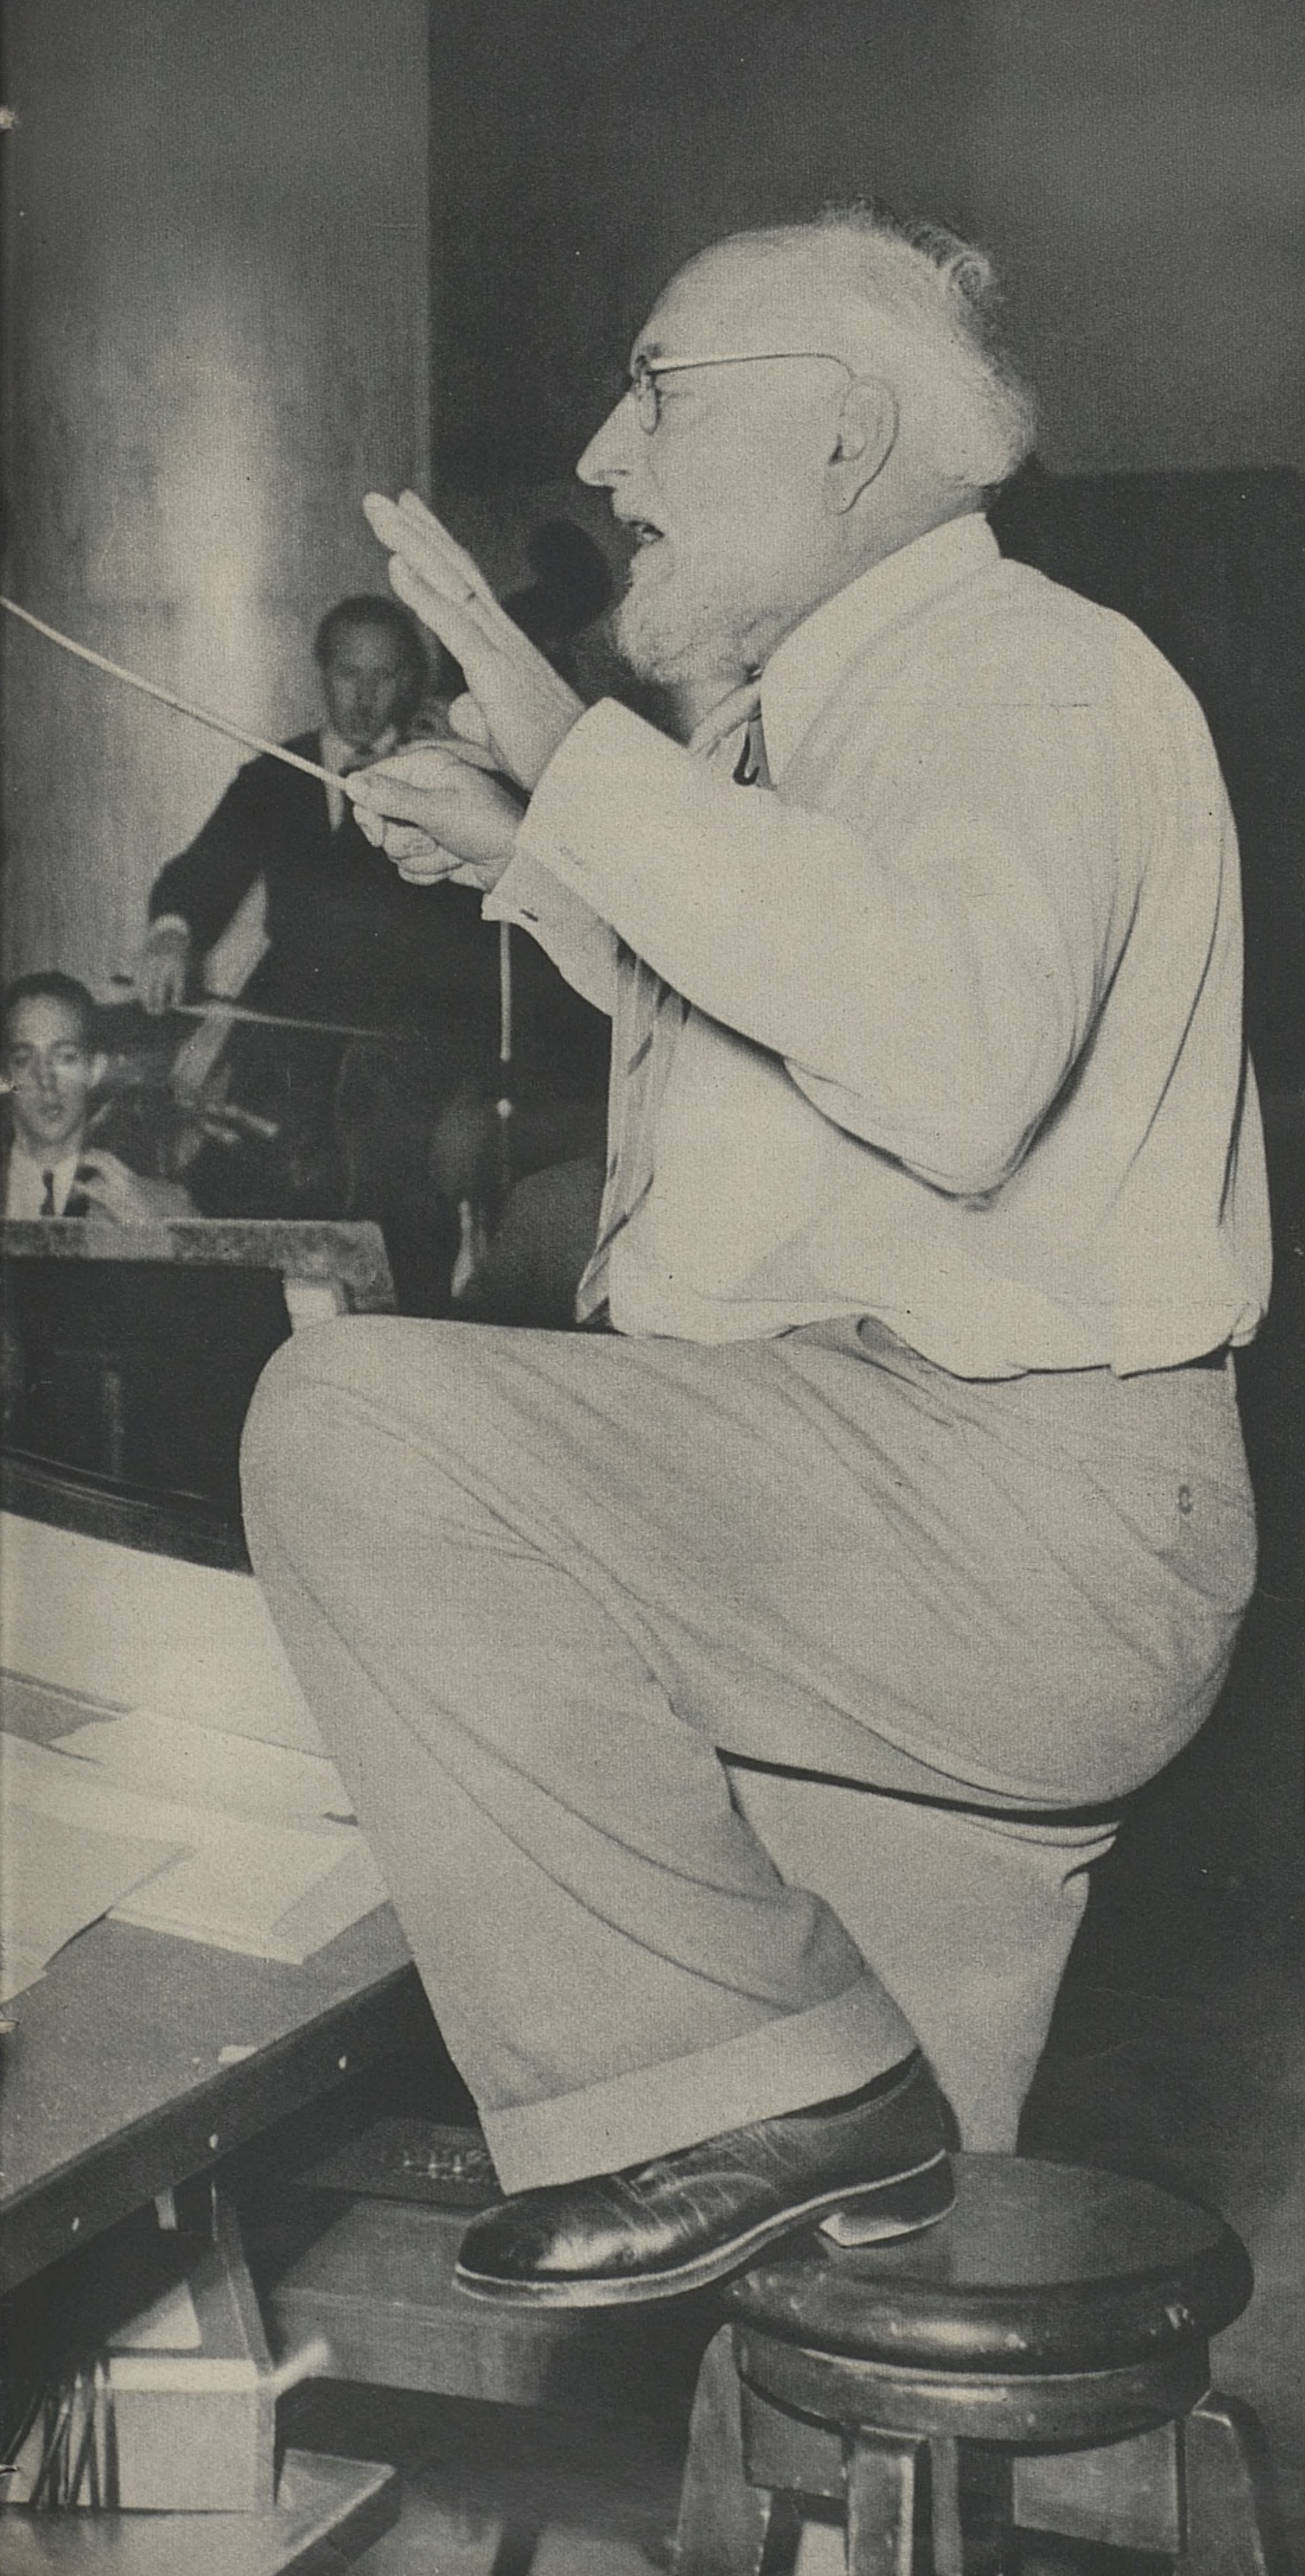 Ernest ANSERMET en répétition, env. 1950, «Photo Bertrand, Genève», publié entre autres dans «L'Illustré» du 26 octobre 1950, No 43, page 9, Cliquer sur la photo pour une vue agrandie